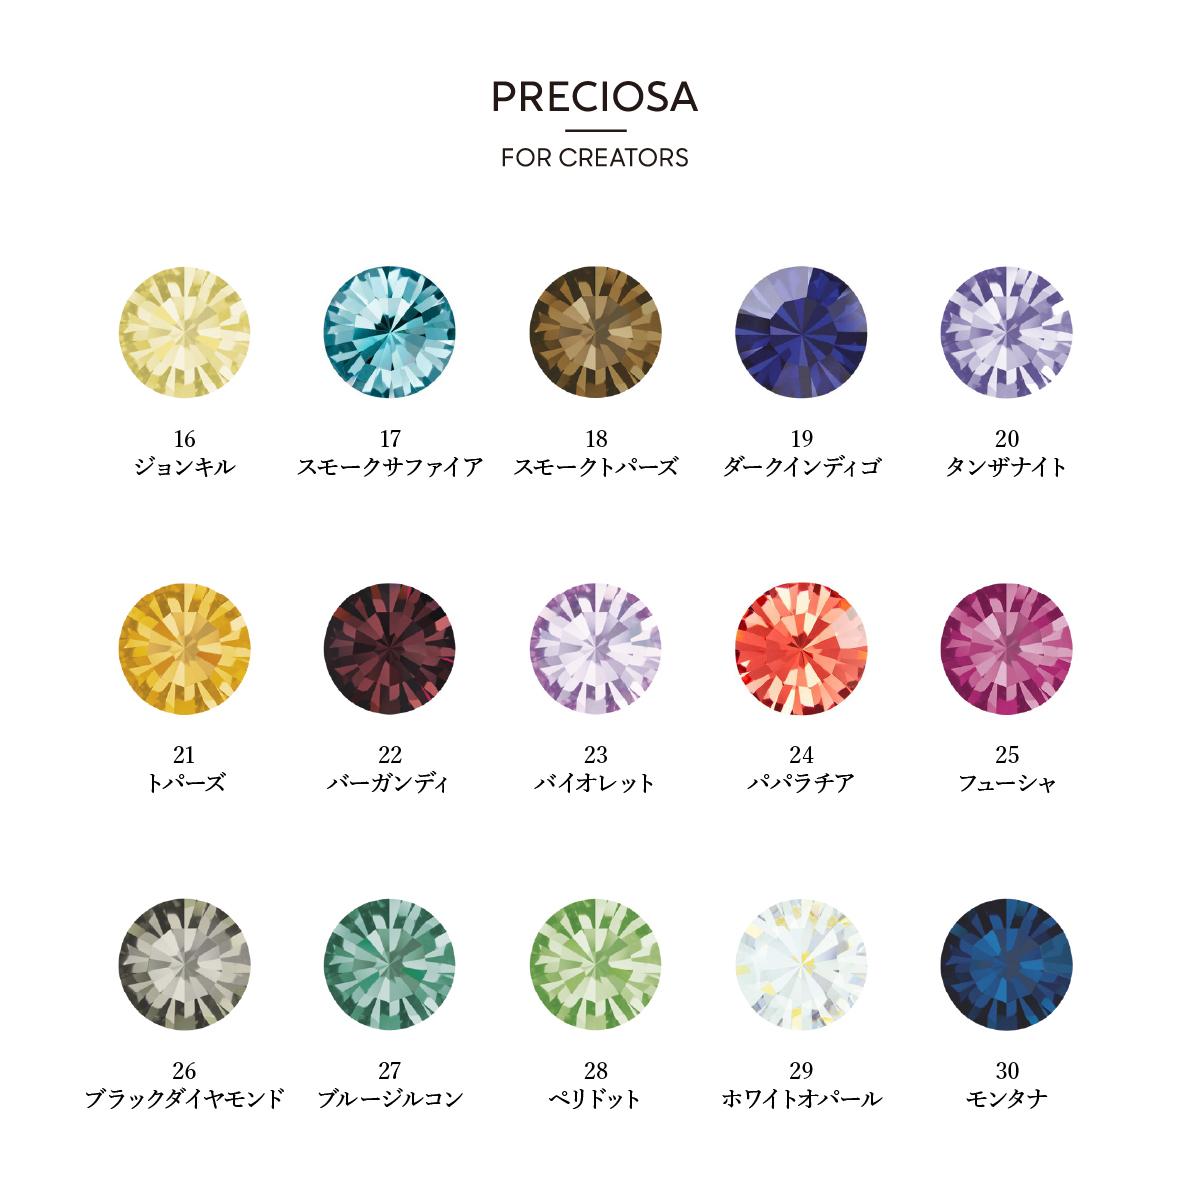 PP10 No.2(シ〜モ) 10グロスパック プレシオサ PRECIOSA チャトン【グルーデコ®️】